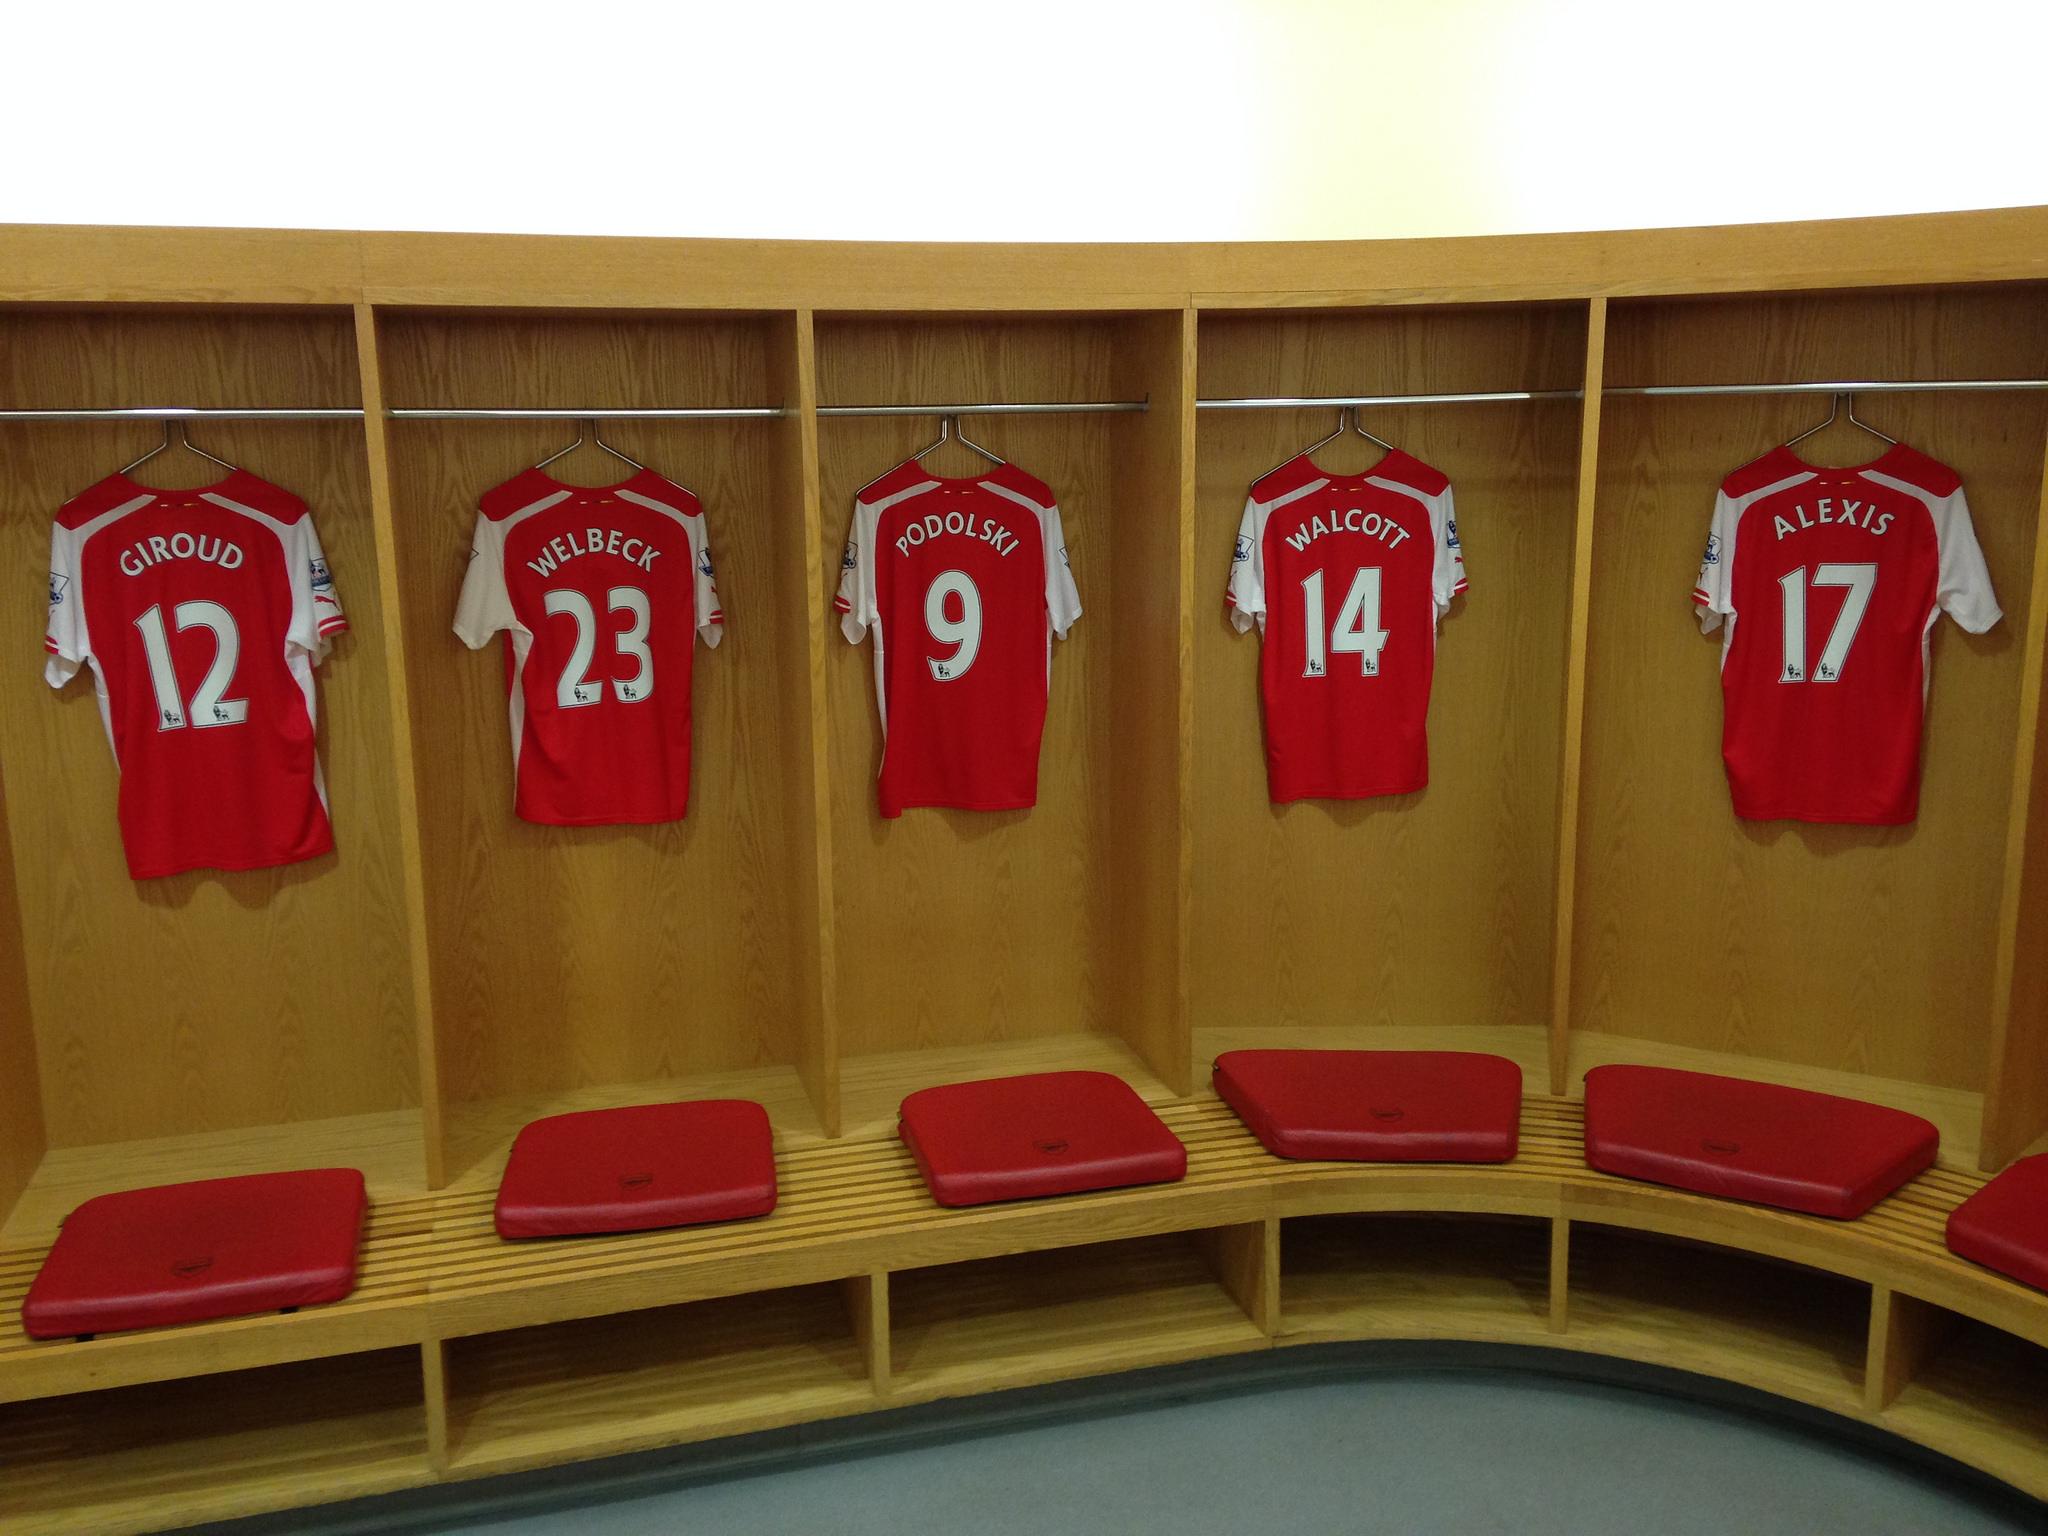 Welbecks Shirt Hangs In Arsenals Changing Room